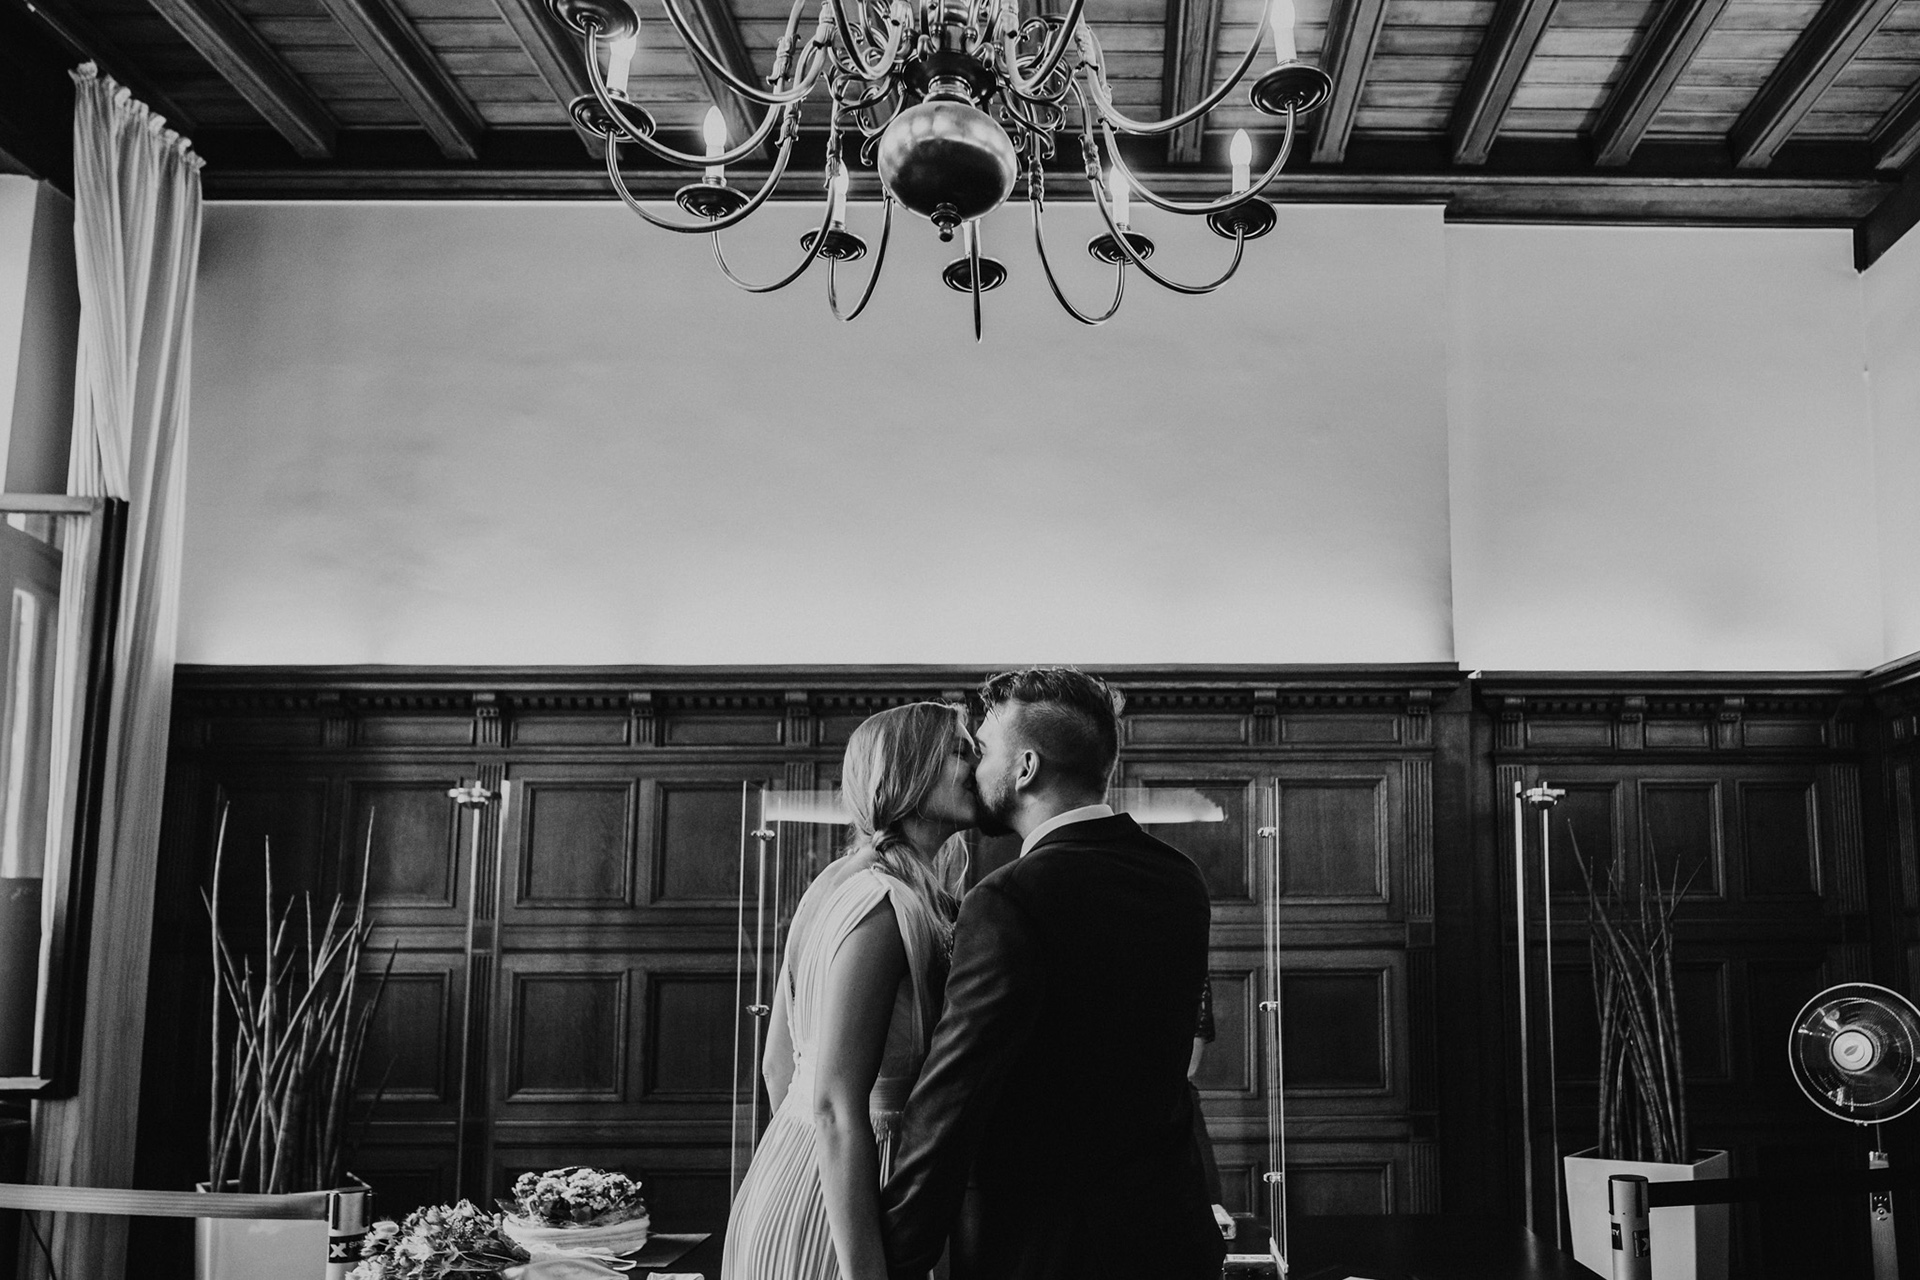 Düsseldorfer standesamtliche Trauung, Deutsches Hochzeitsfoto | Braut und Bräutigam teilen sich am Ende ihrer Zeremonie einen kurzen, aber süßen Kuss